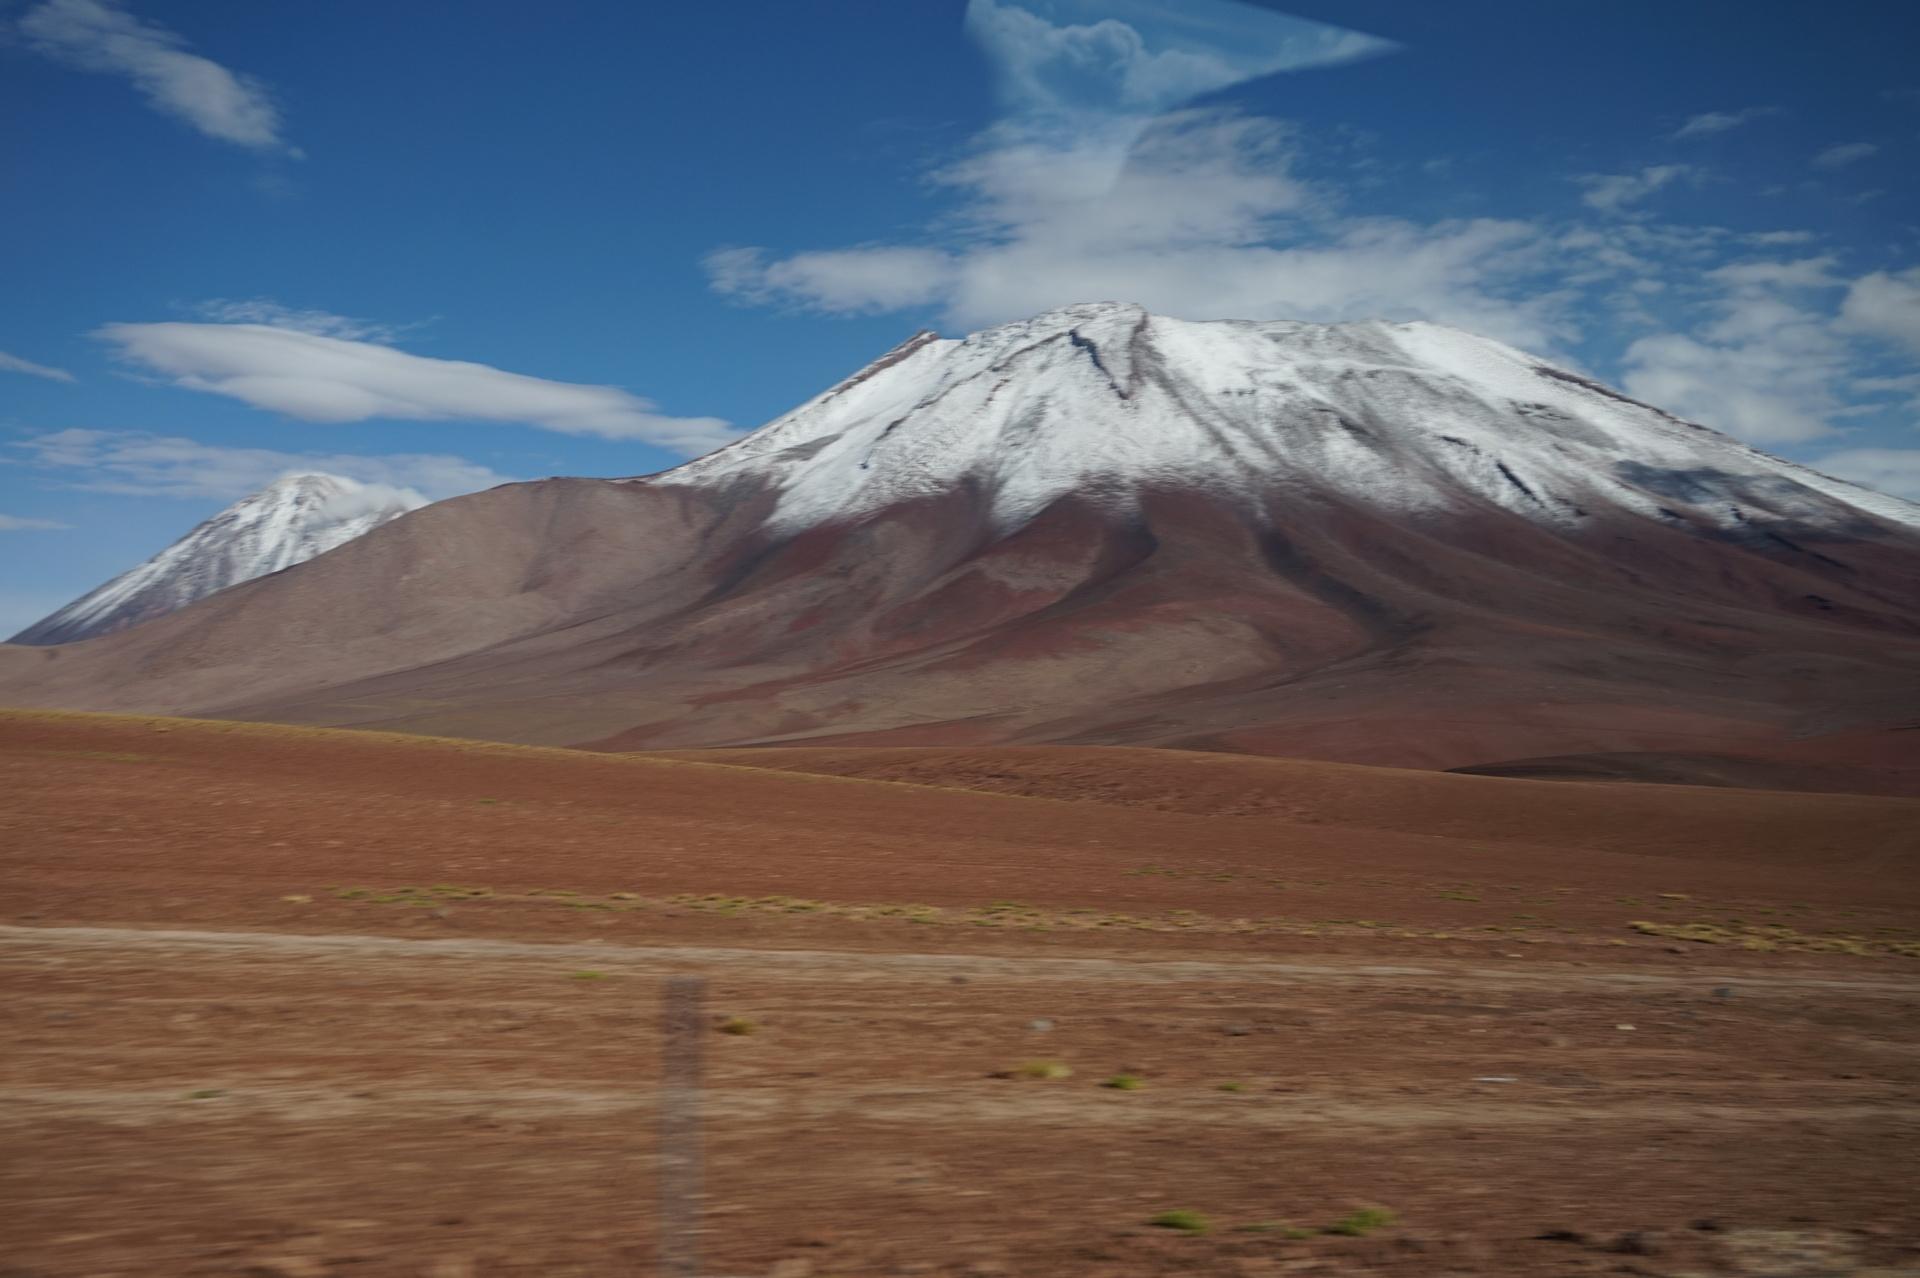 チリ ボリビア ウユニ旅行 2泊3日ツアー 山